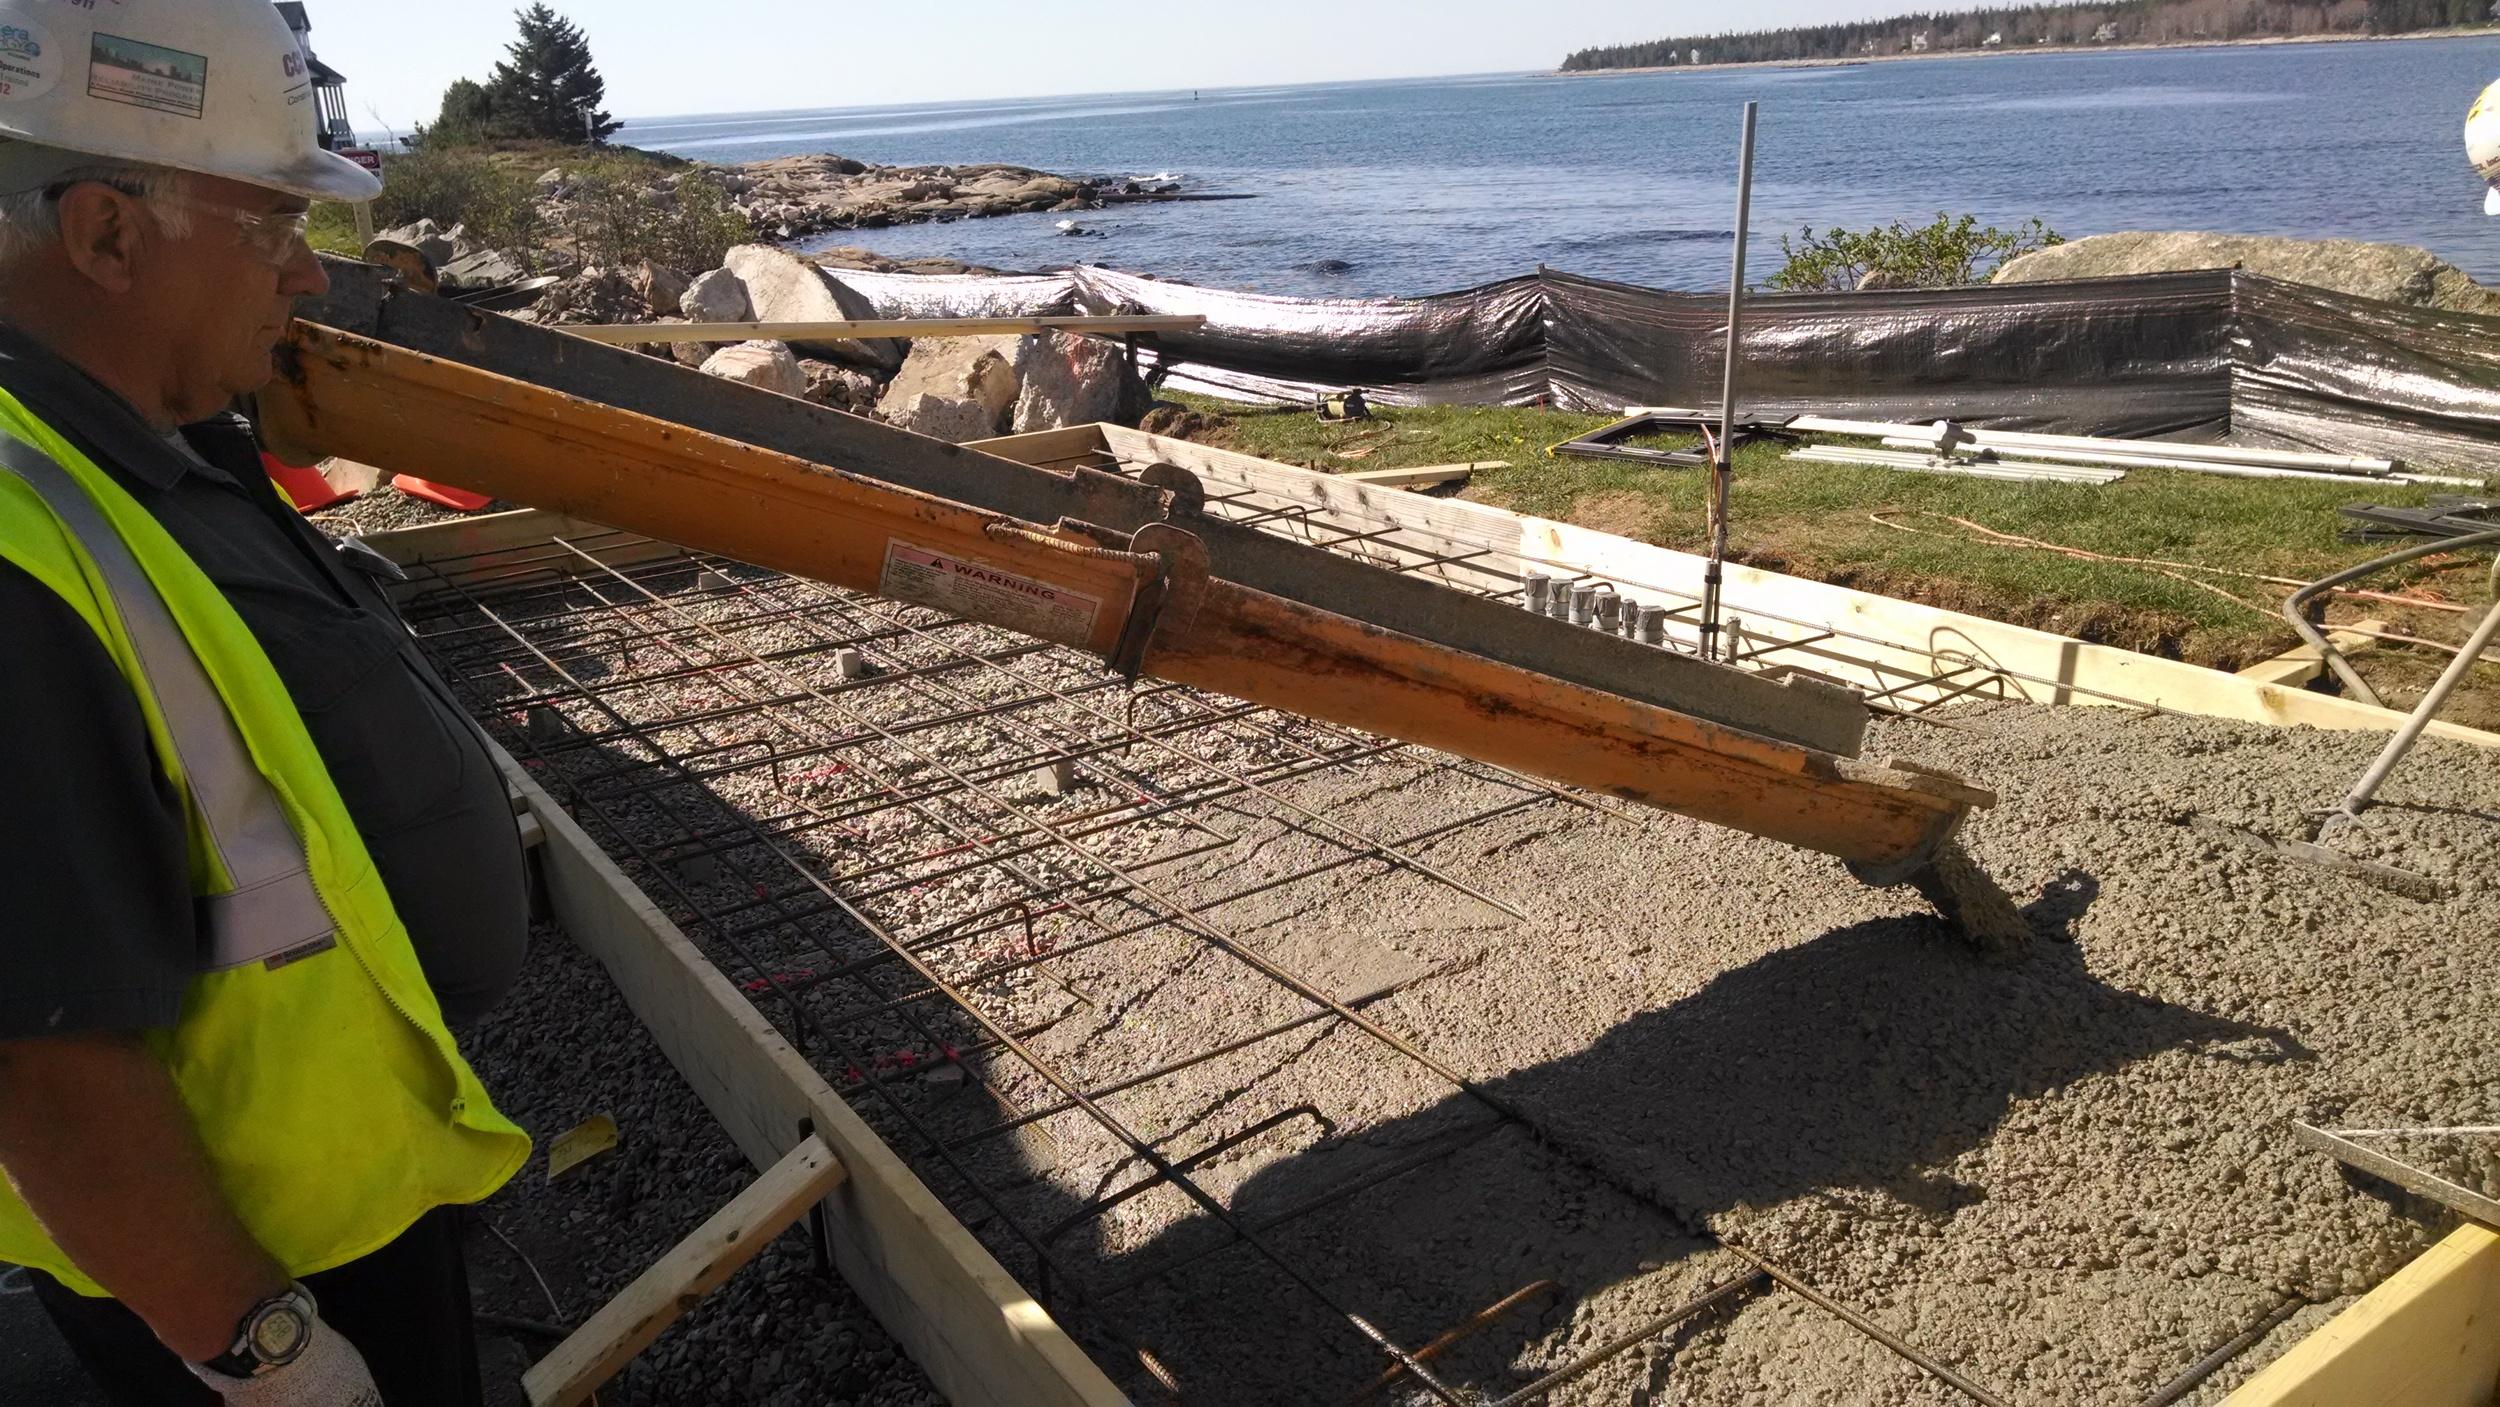 IMG_20150515_085446610 - CCB Prospect Harbor.jpg